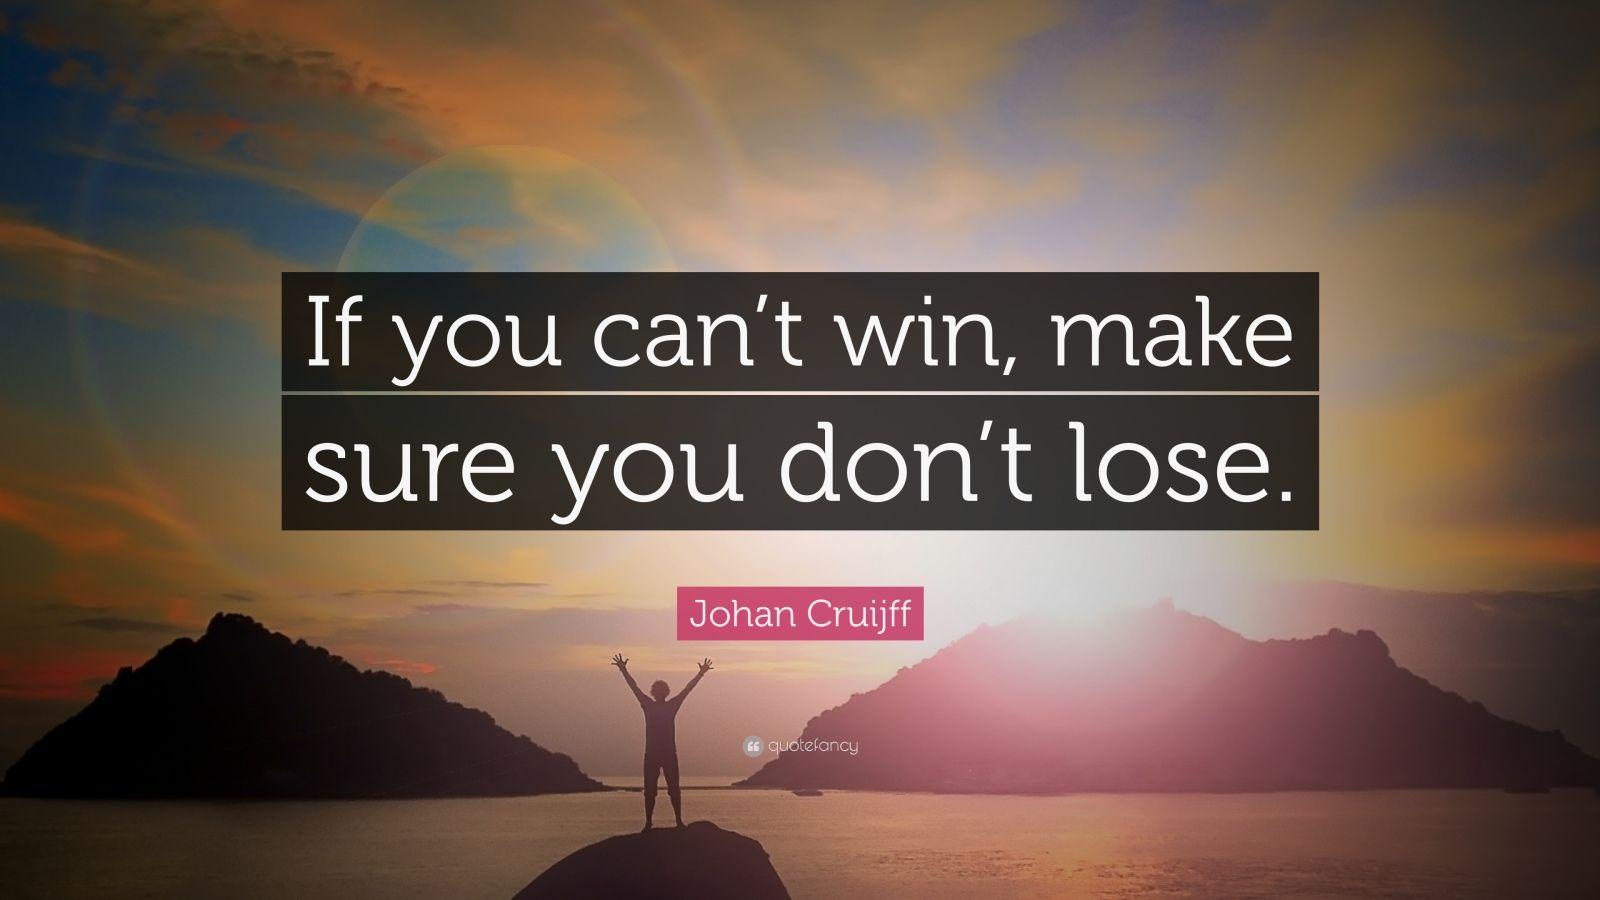 Johan Cruijff Quotes (62 Wallpapers)